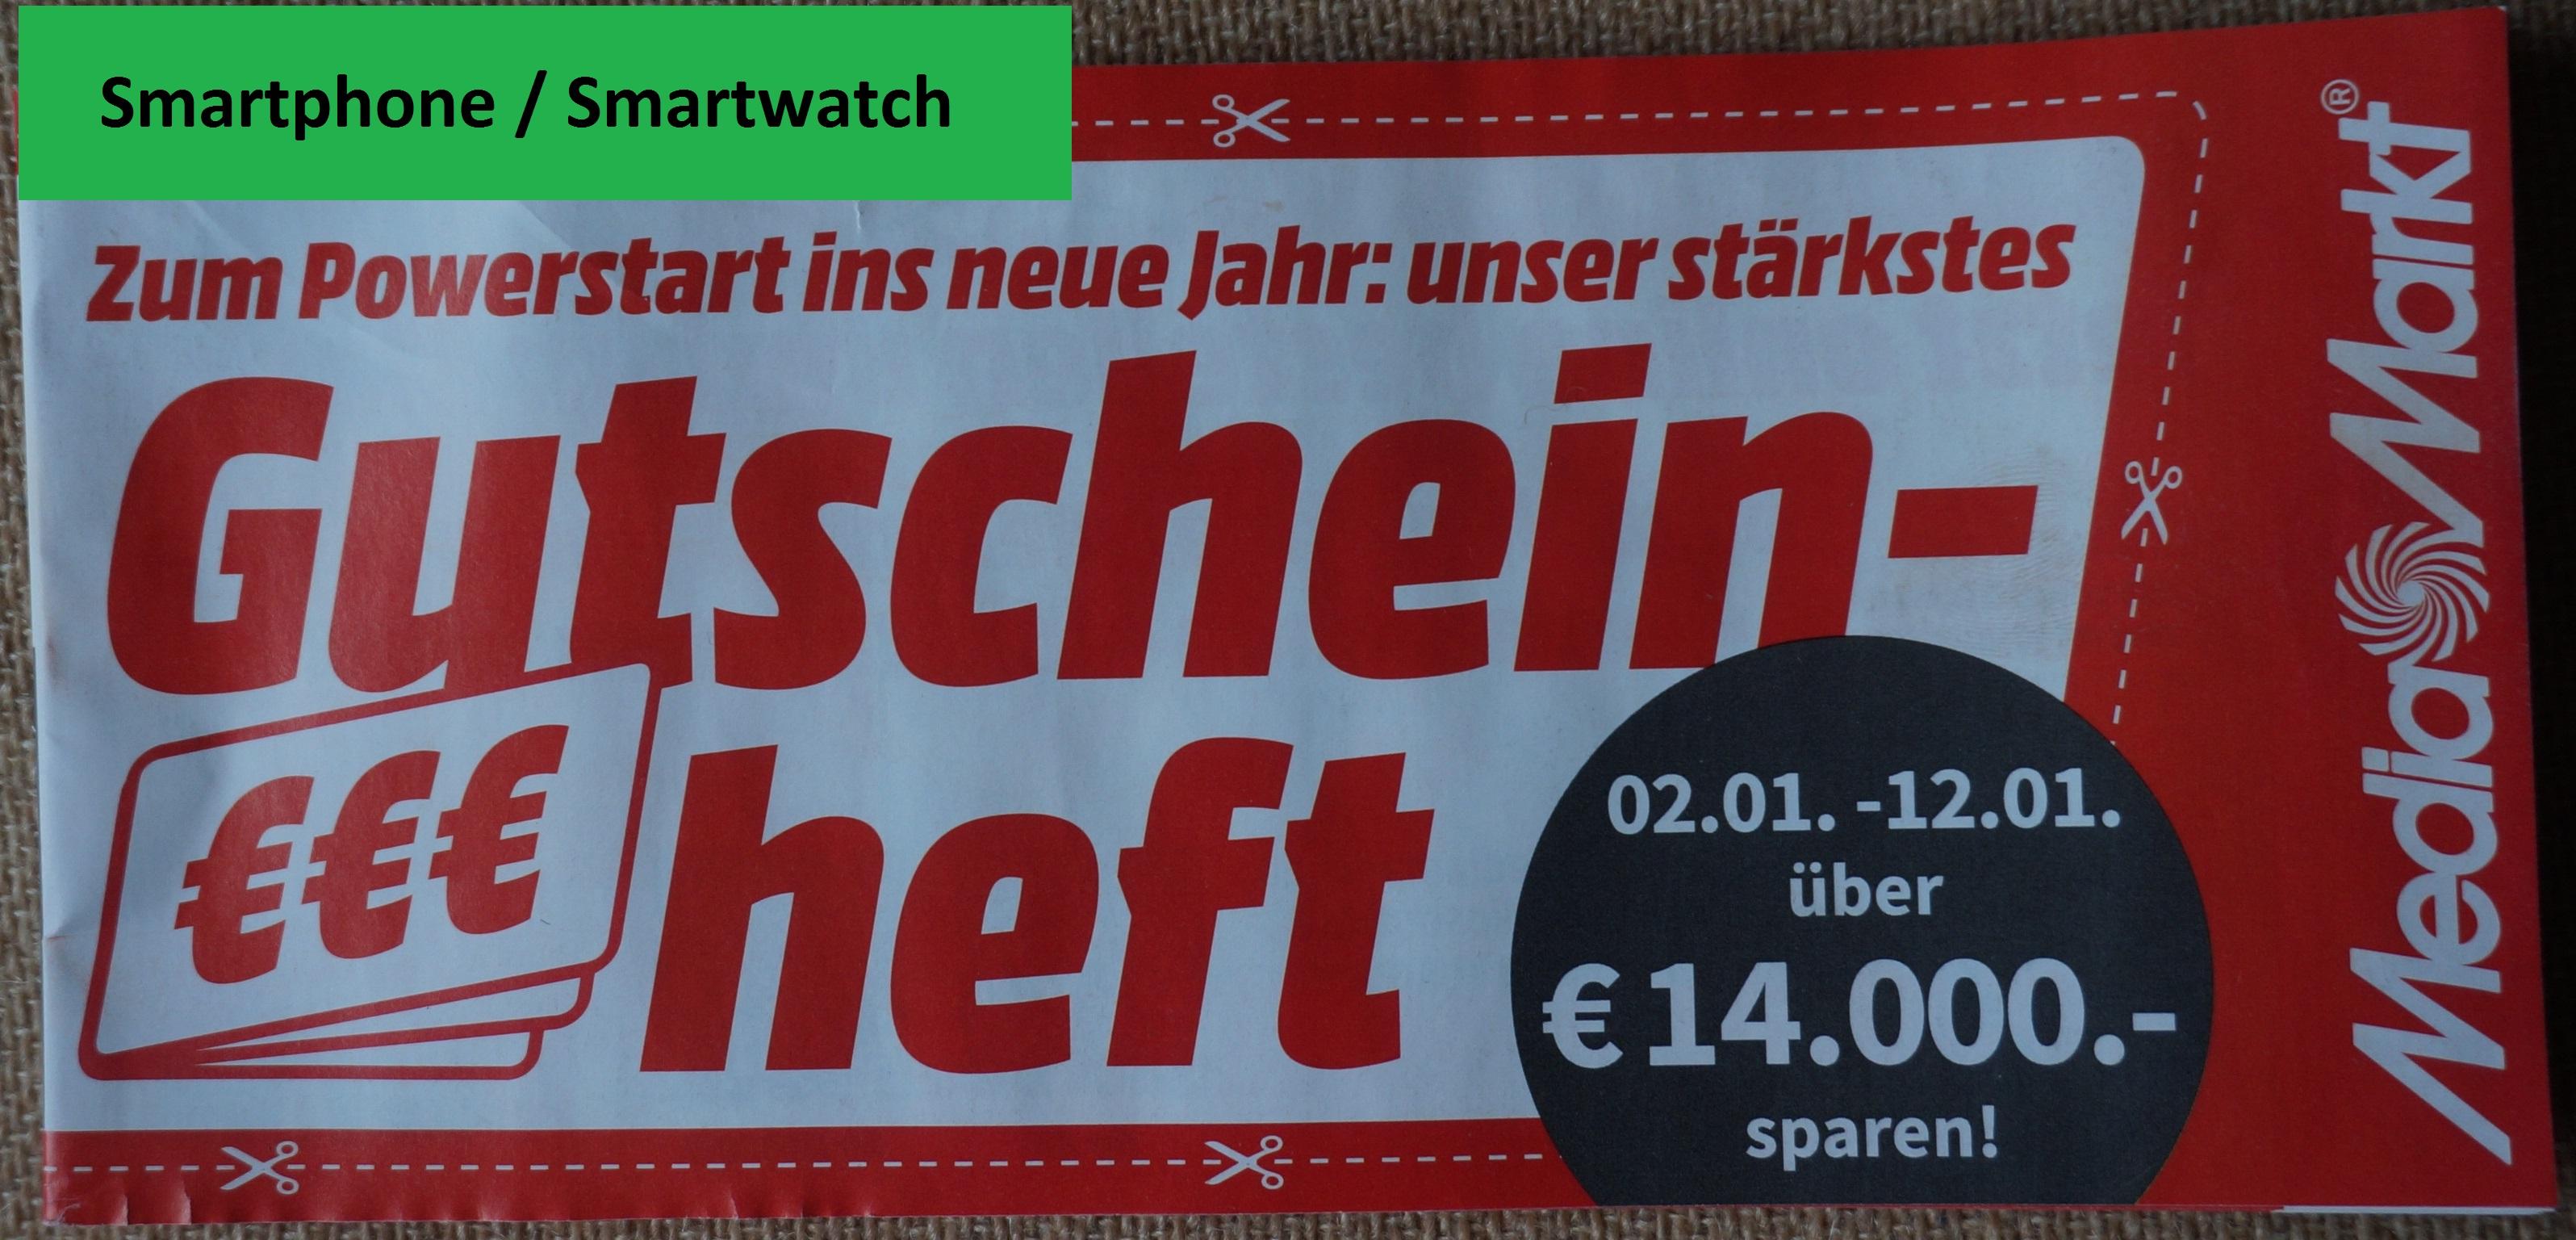 [Media Markt] Nur Online - Gutschein Heft: Smartphone / Smartwatch gültig 02.01.2021 - 12.01.2021